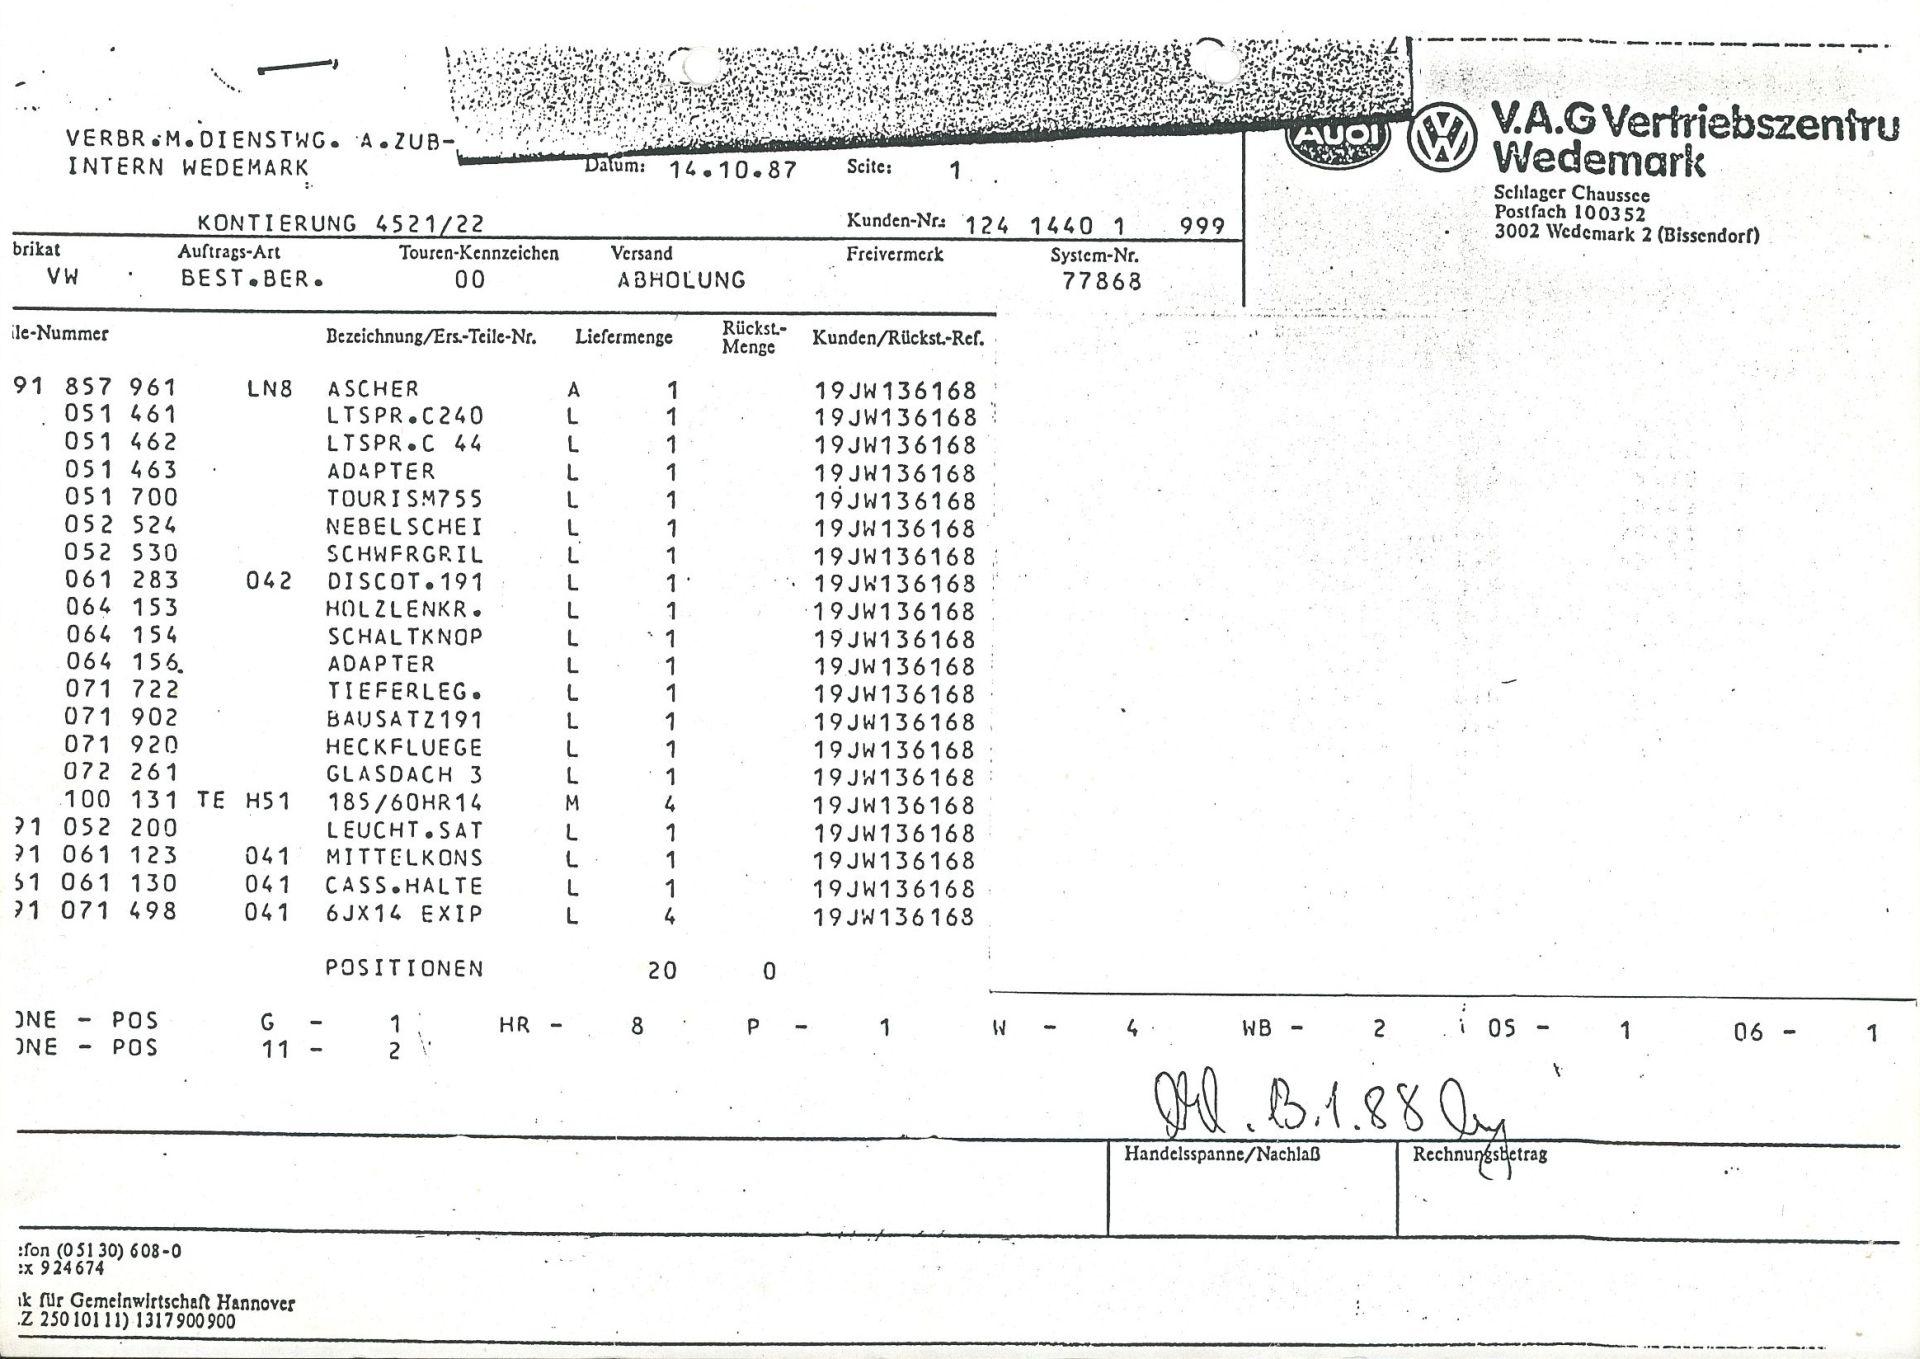 Zubeh%C3%B6r-Unterlagen_02.jpg